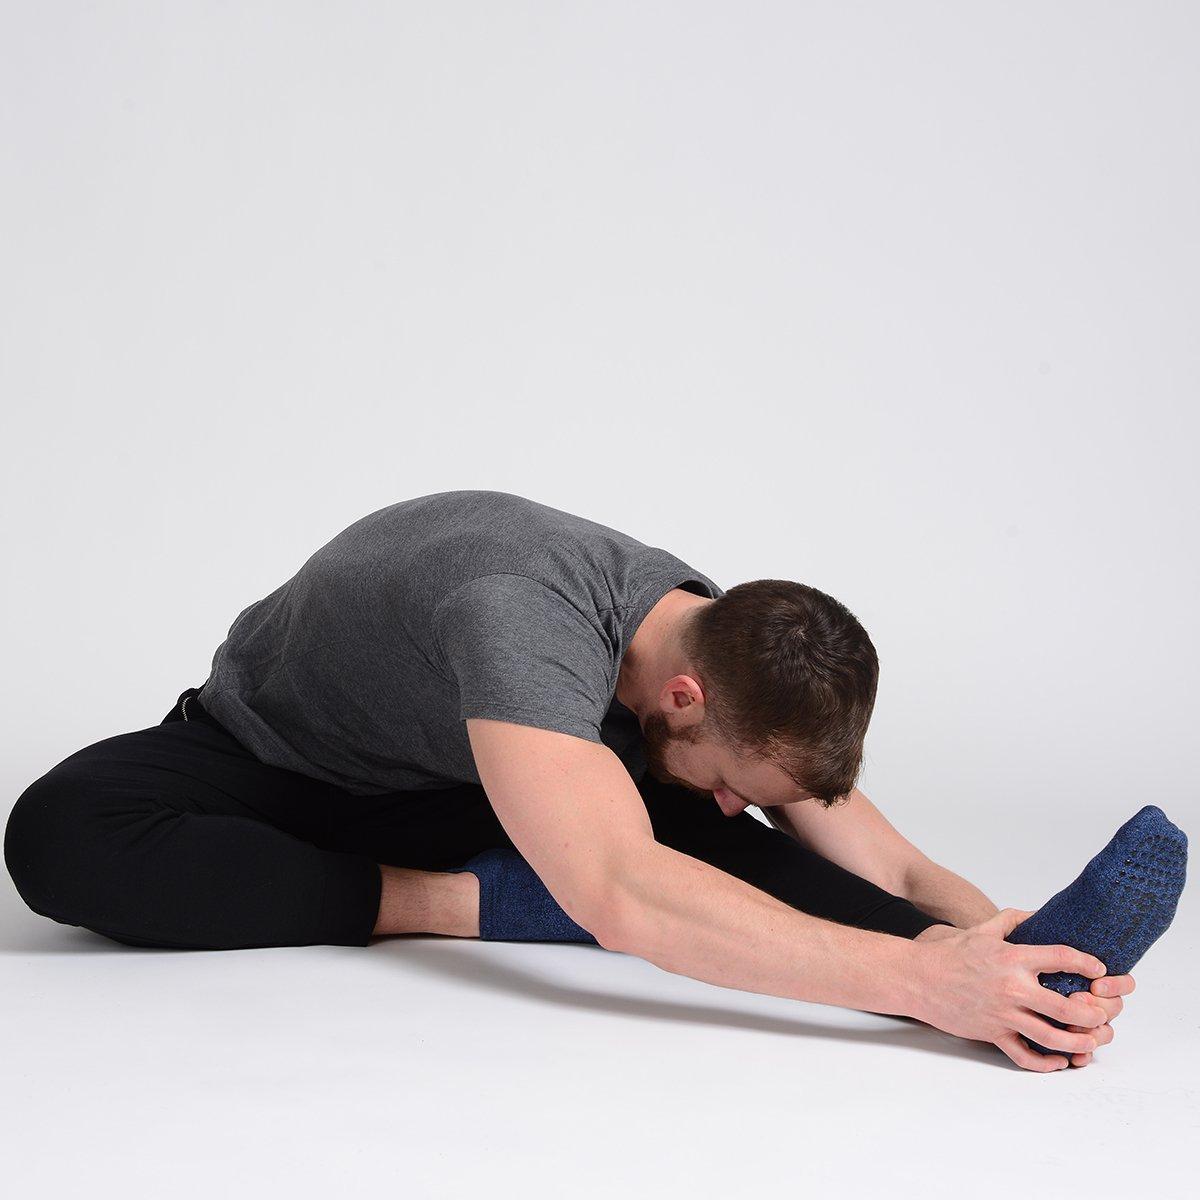 Non Slip Yoga Socks for Pilates Great Soles Tabbed Grip Socks for Men Barre Ballet and Everyday Wear